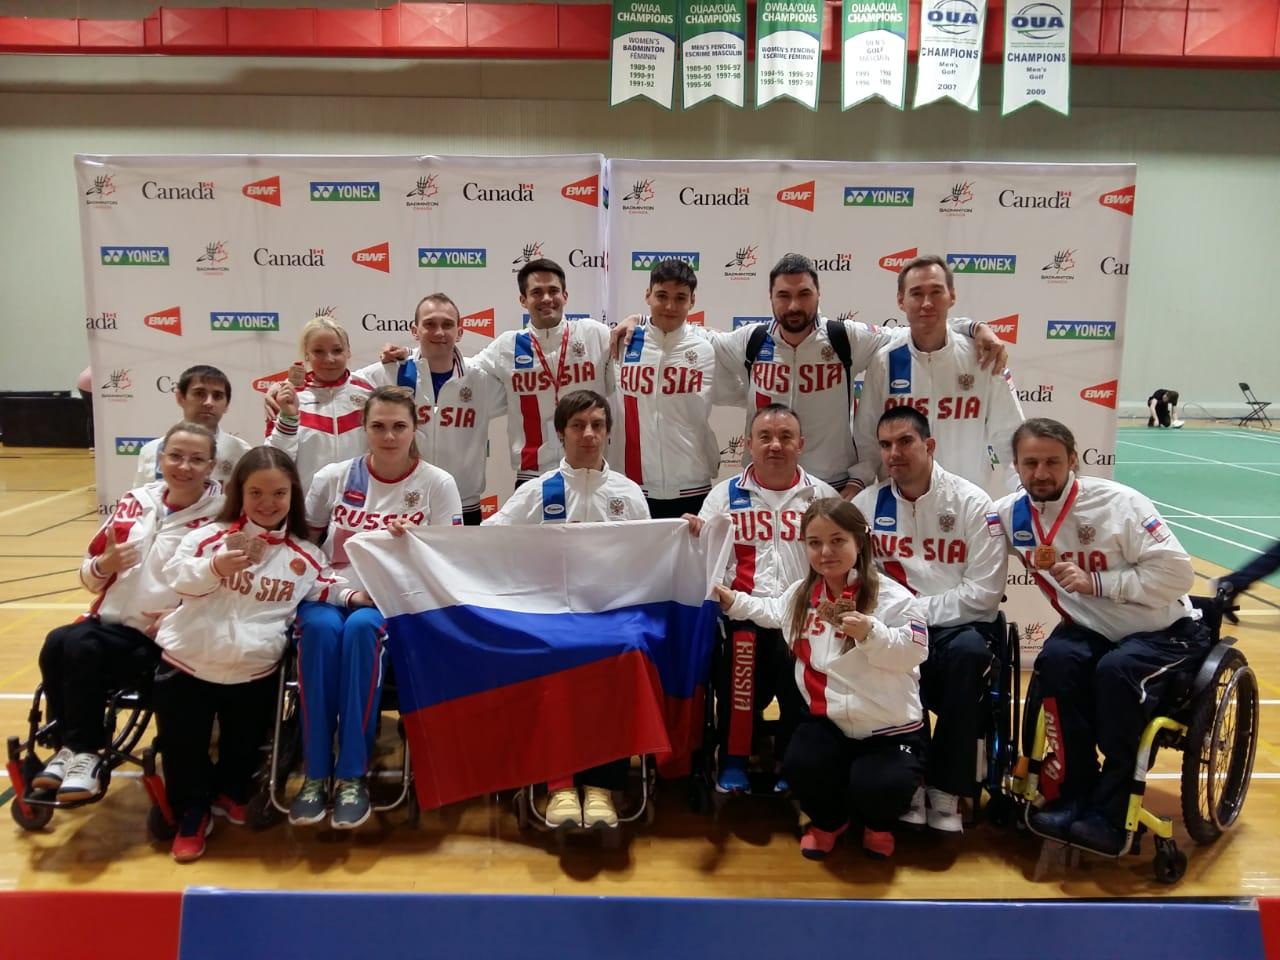 6 бронзовых медалей завоевала сборная России по парабадминтону на международных соревнованиях в Канаде